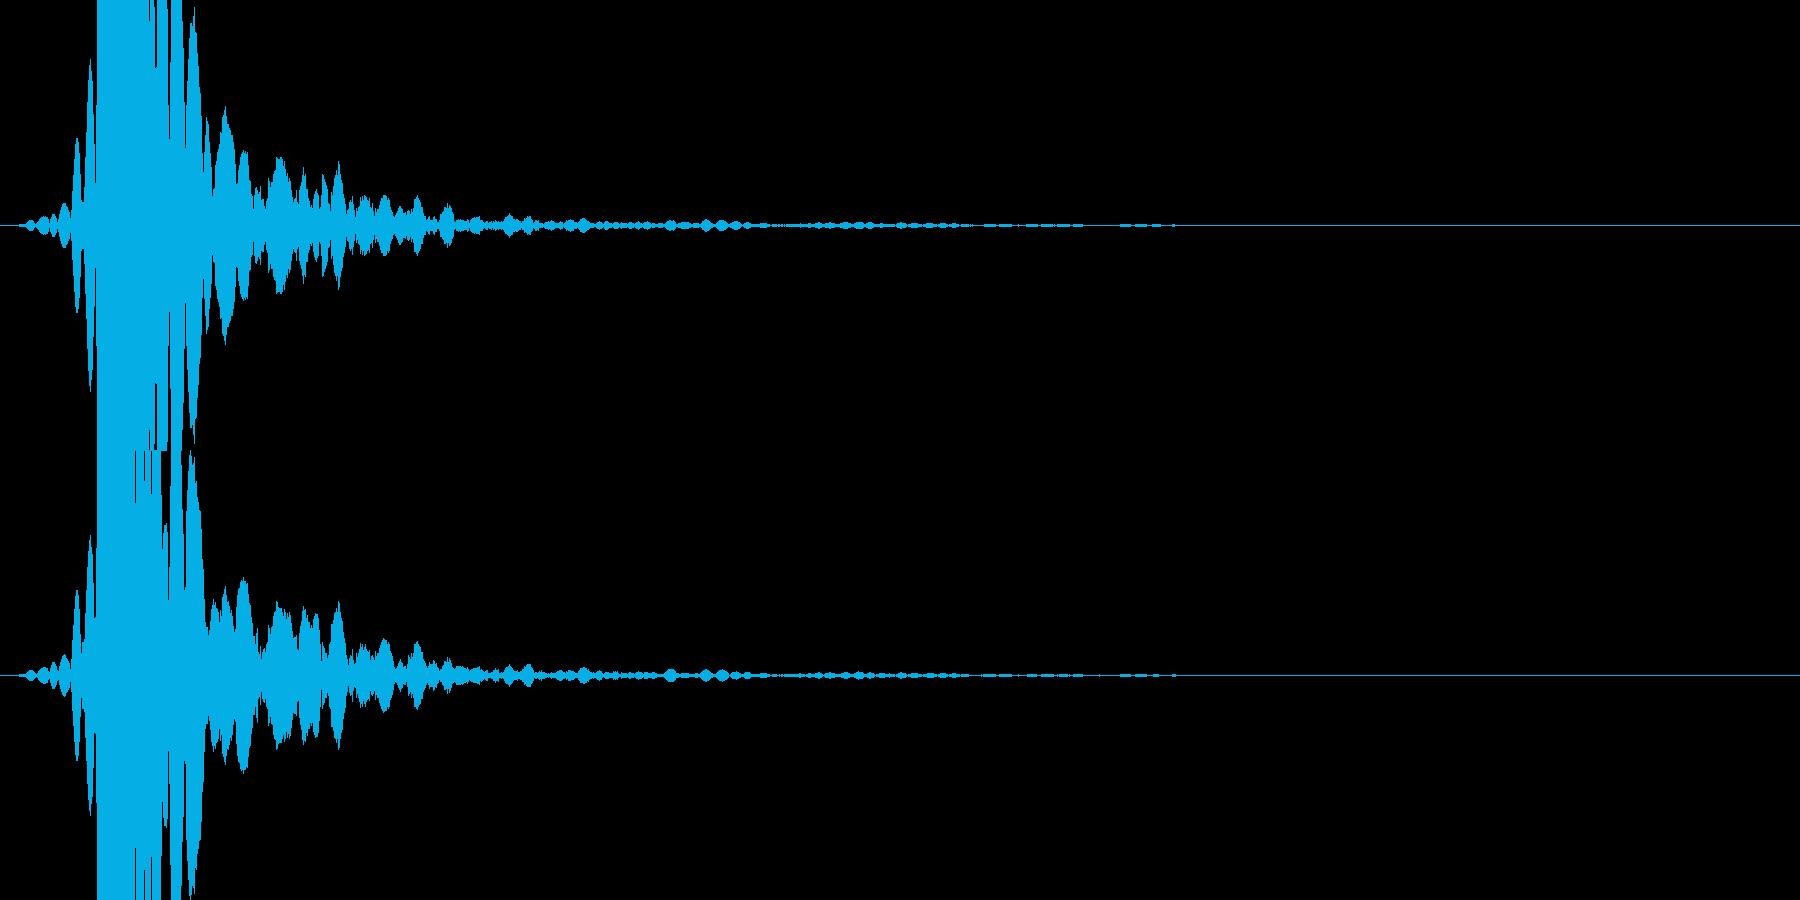 「ドスっ!」キック・蹴る1の再生済みの波形